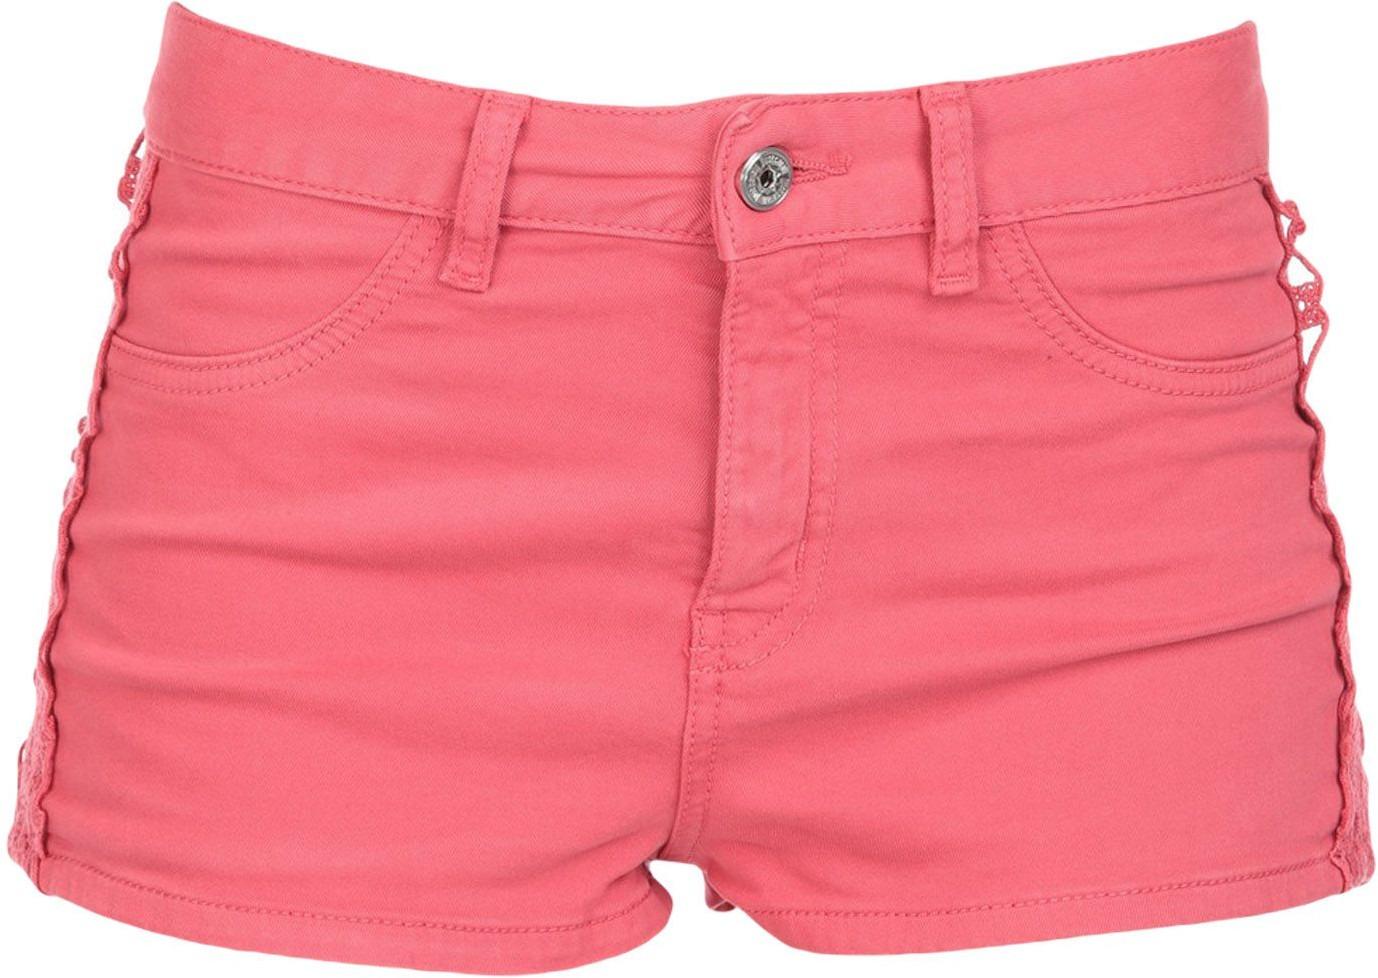 Pantaloni corti e shorts con pizzo | Tendenze Donna Autunno